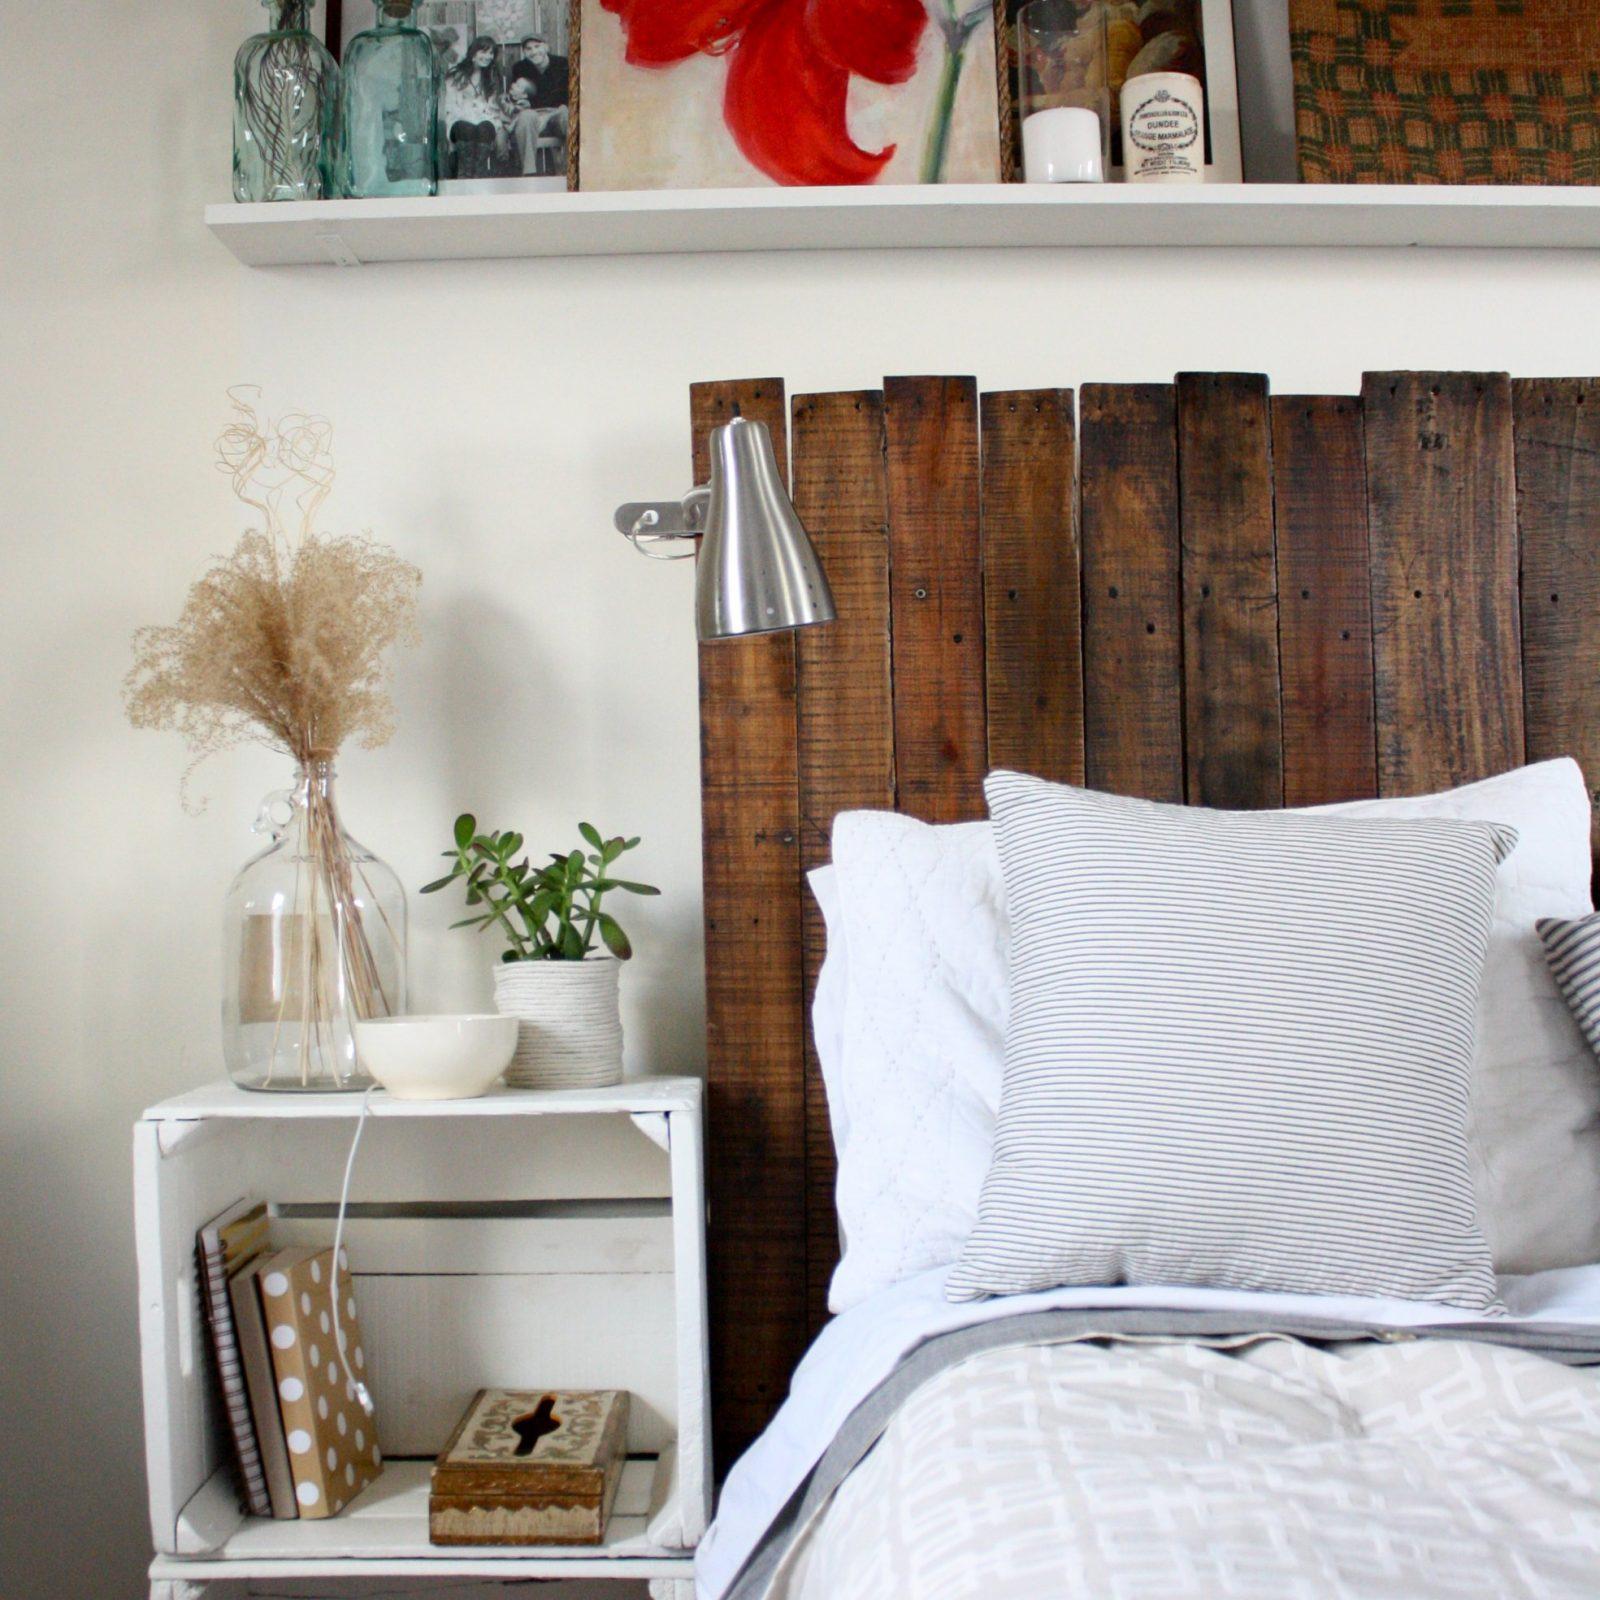 Möbel Aus Holzpaletten  26 Praktische Ideen Zum Selberbauen von Rustikale Möbel Selber Bauen Photo